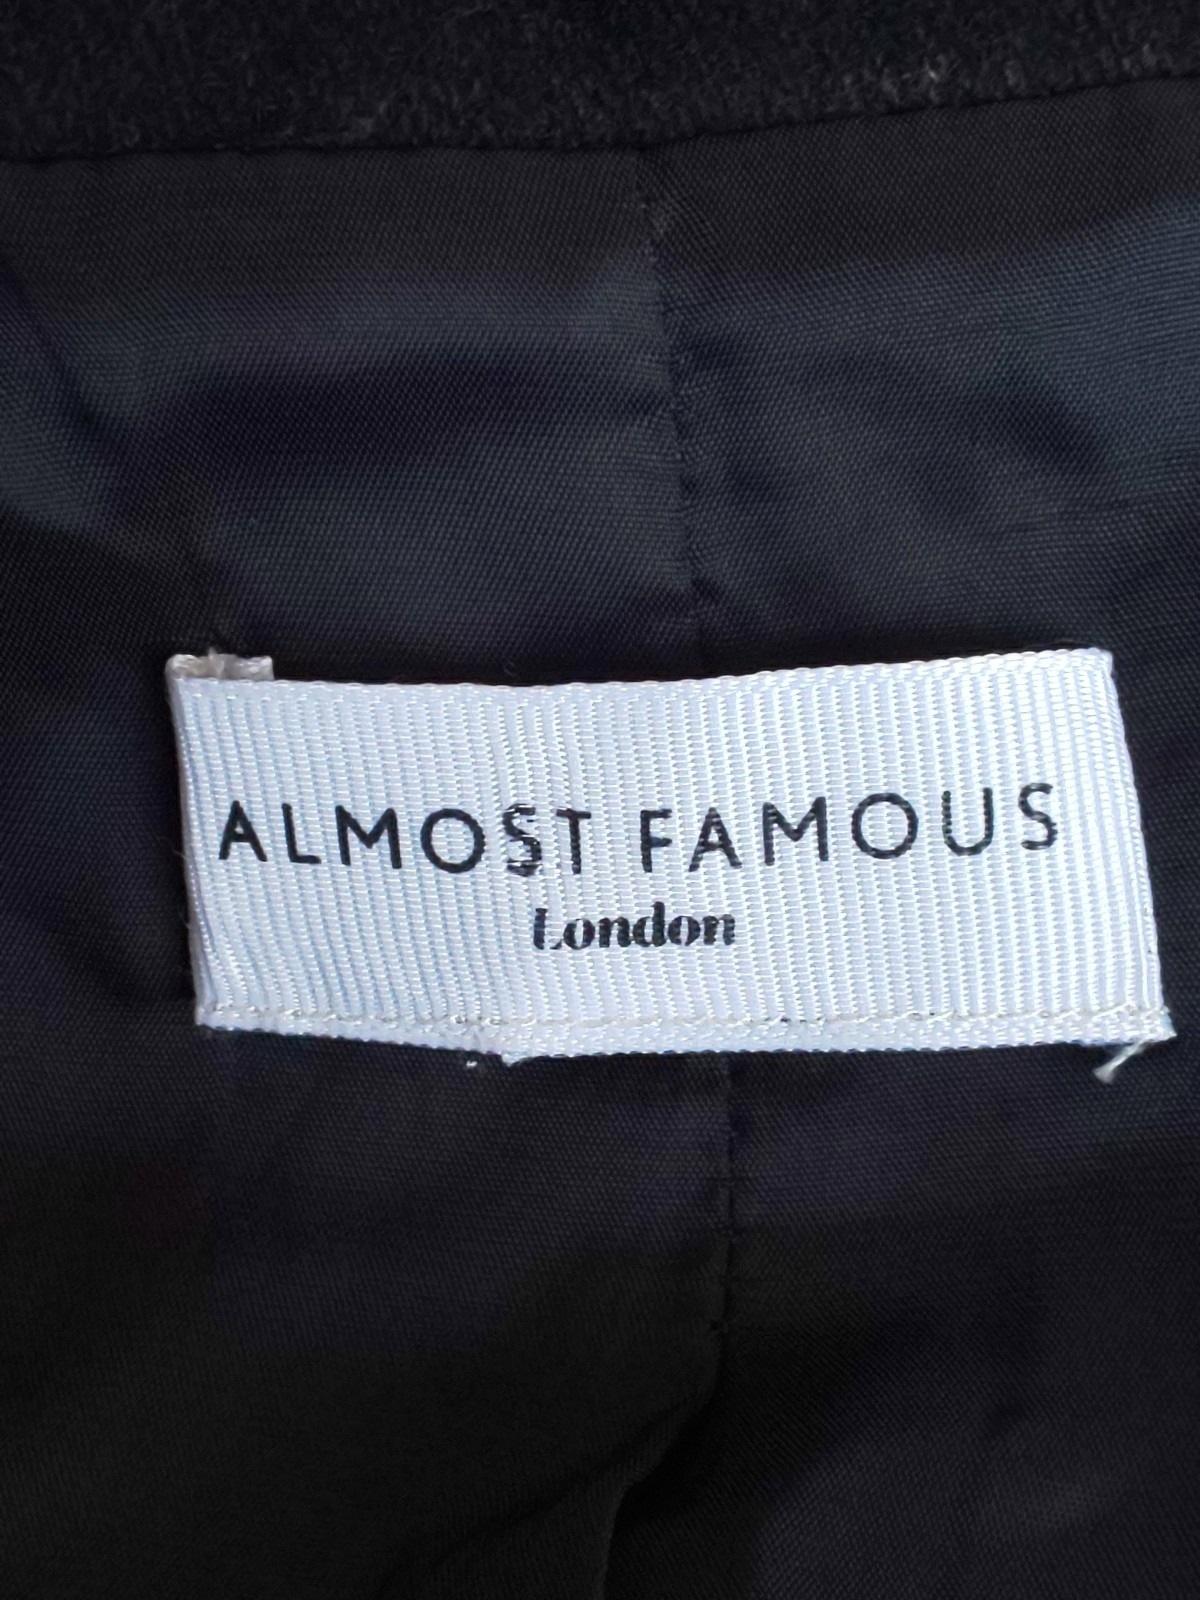 ALMOST FAMOUS(オールモストフェイマス)のコート